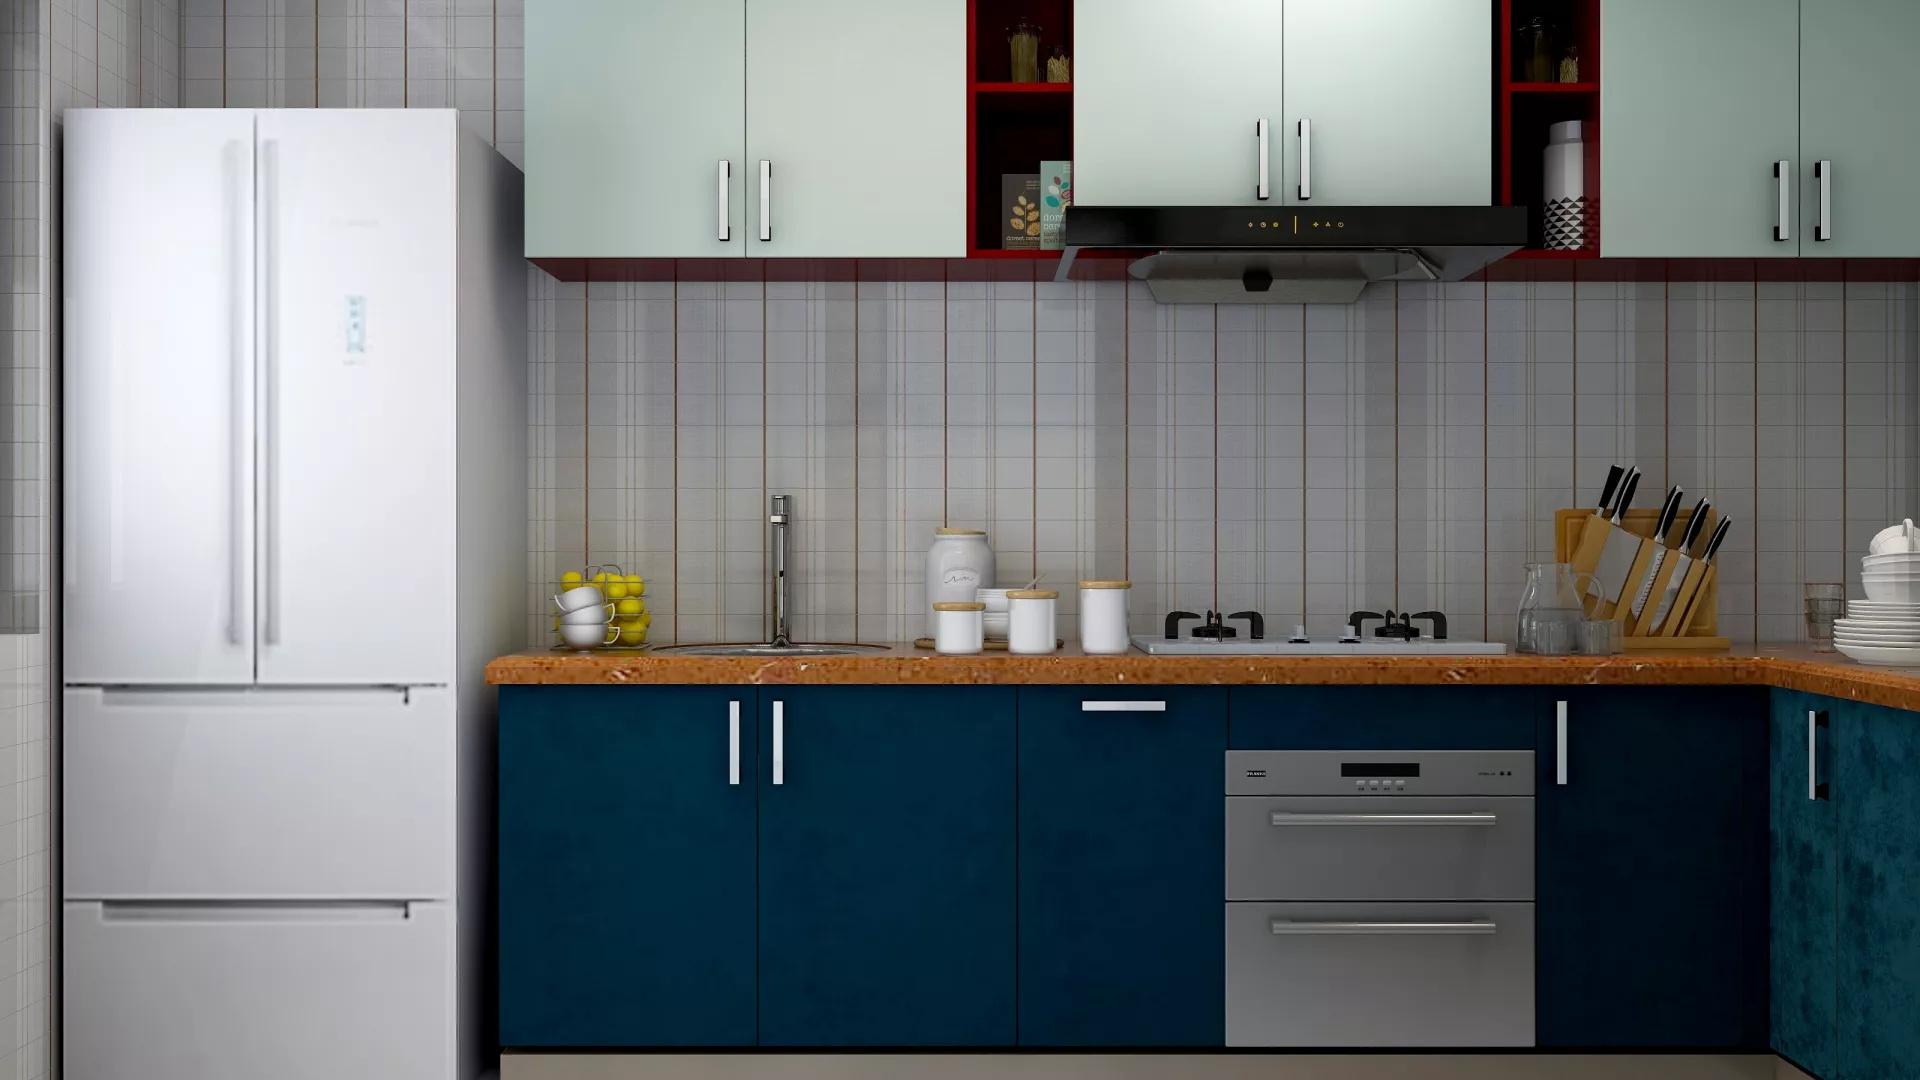 西门子冰箱 温控开关_西门子冰箱温度怎么调 西门子冰箱温度设置_美搭屋装修网